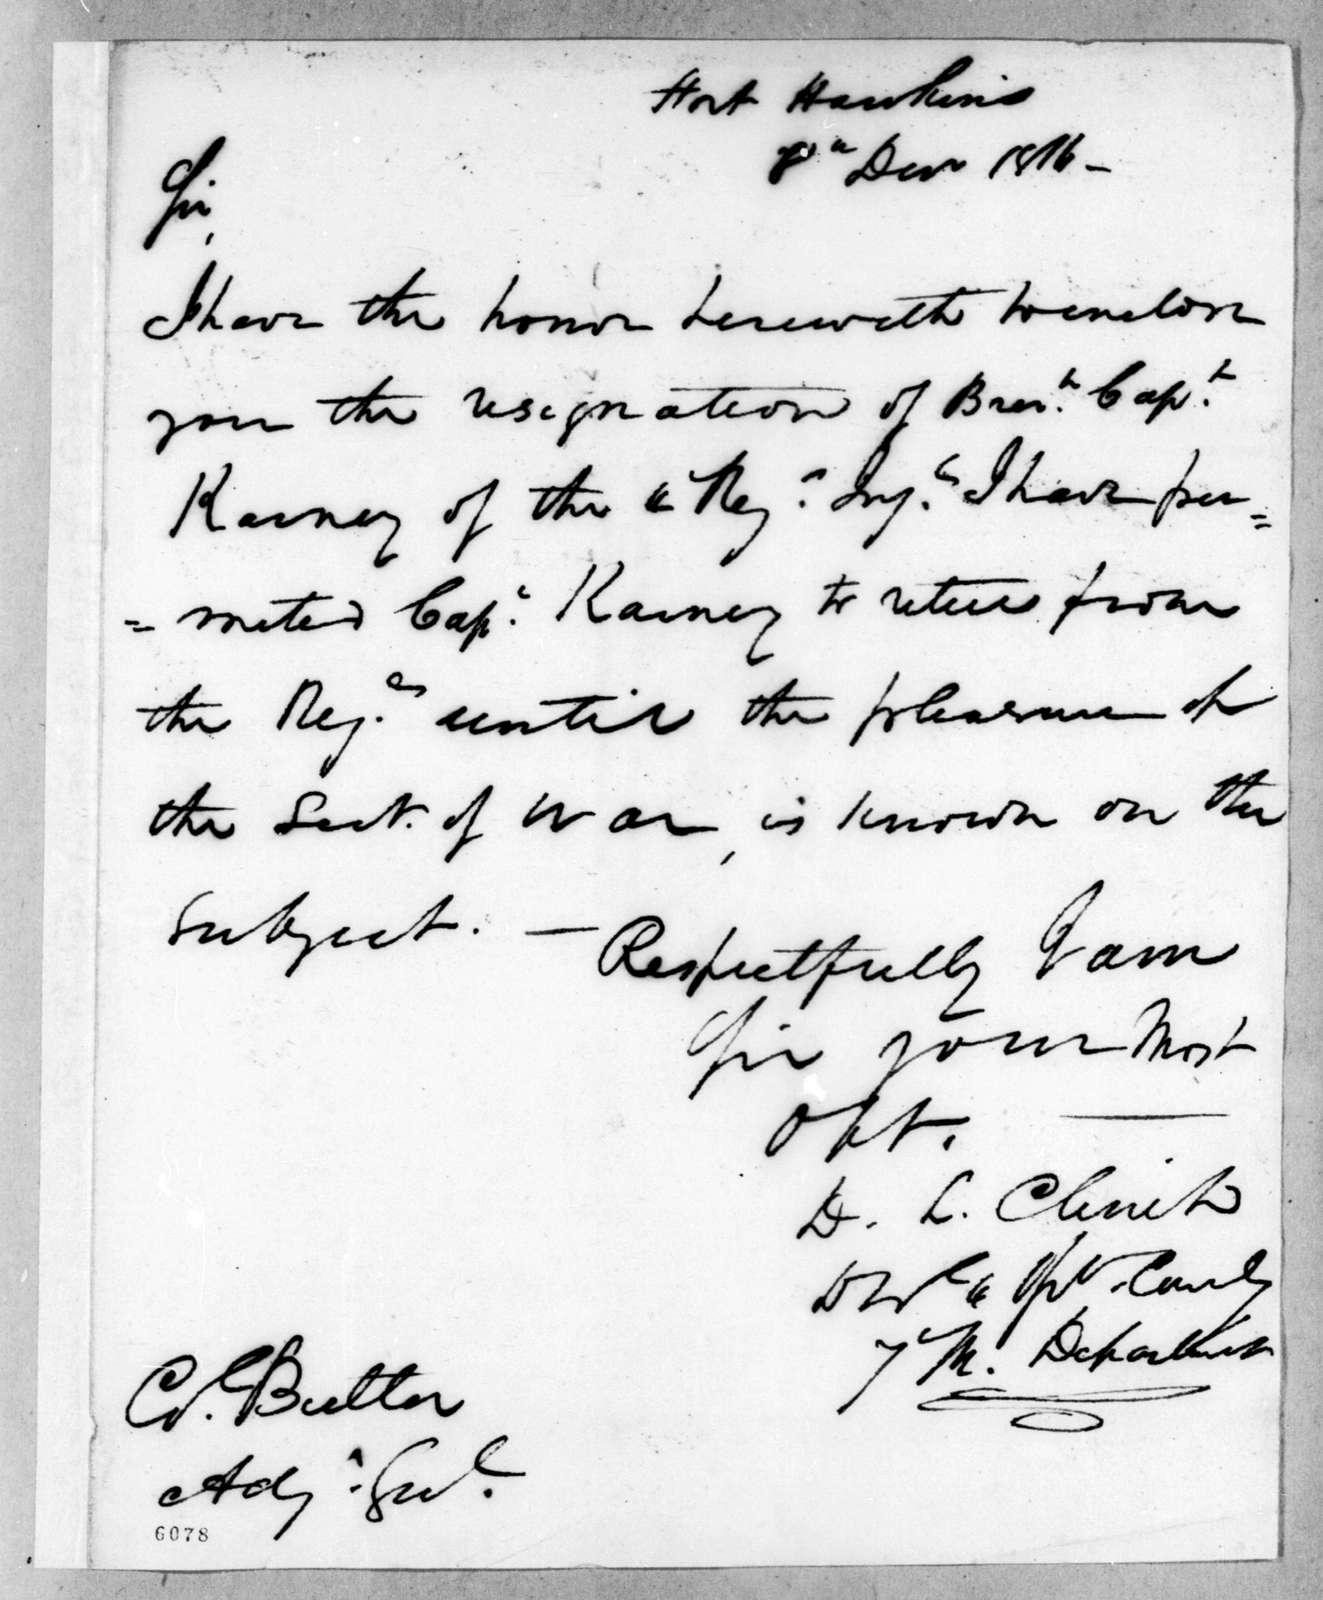 Duncan Lamont Clinch to Robert Butler, December 8, 1816